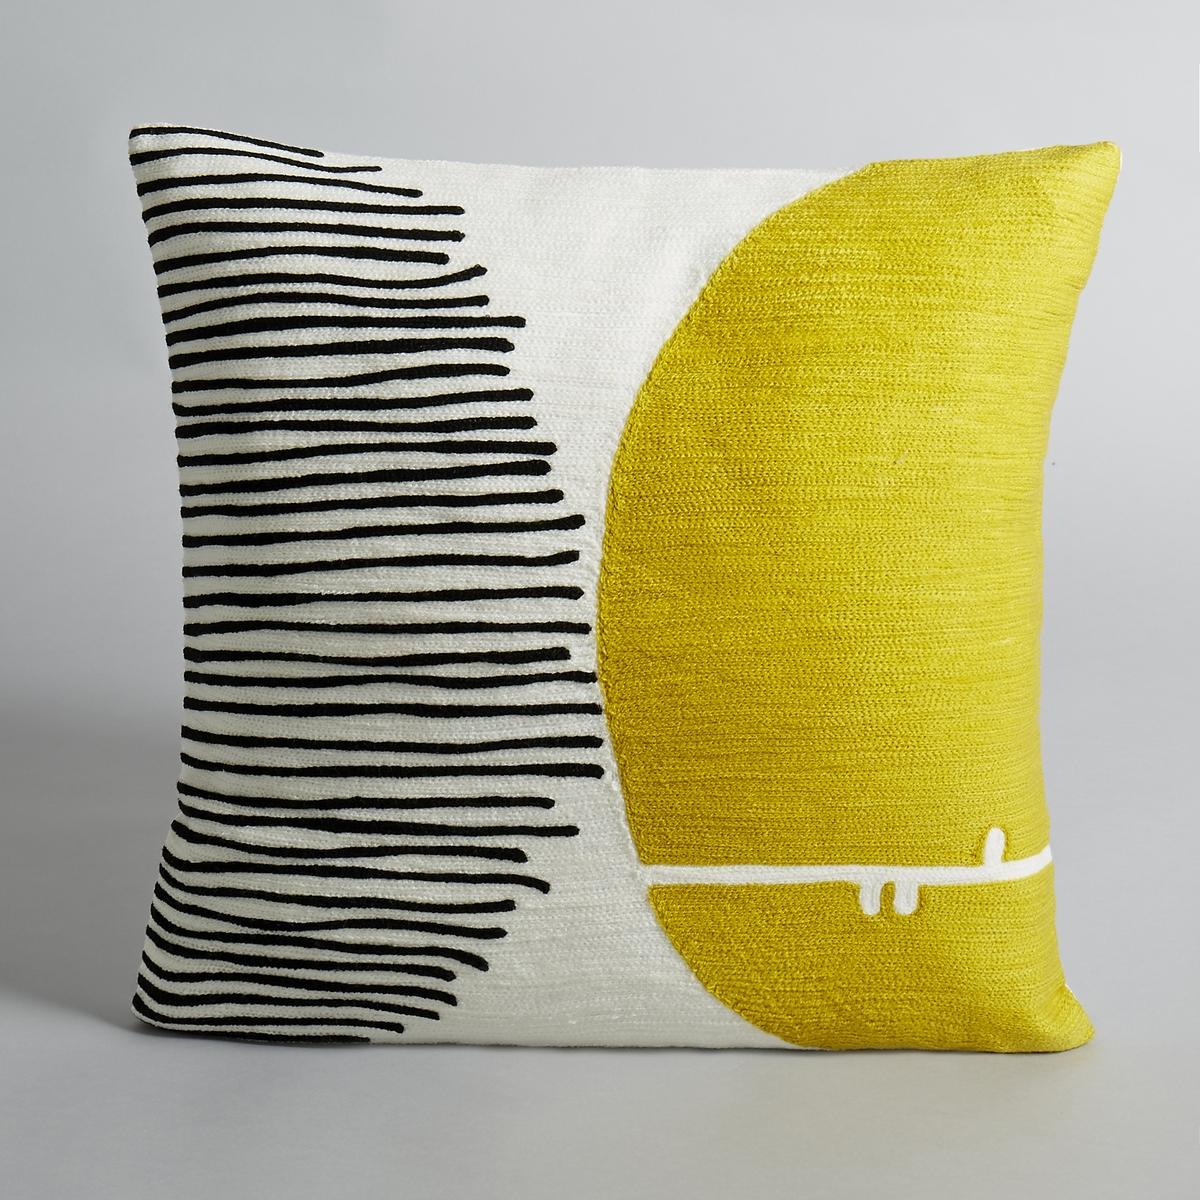 Чехол на подушку с вышивкой Mihn?aРисунок в горох. Вышивка по всей поверхности. 100 % хлопка.Горох жёлтого и чёрного цветов. Размеры:. 45 x 45 см.<br><br>Цвет: желтый/черный